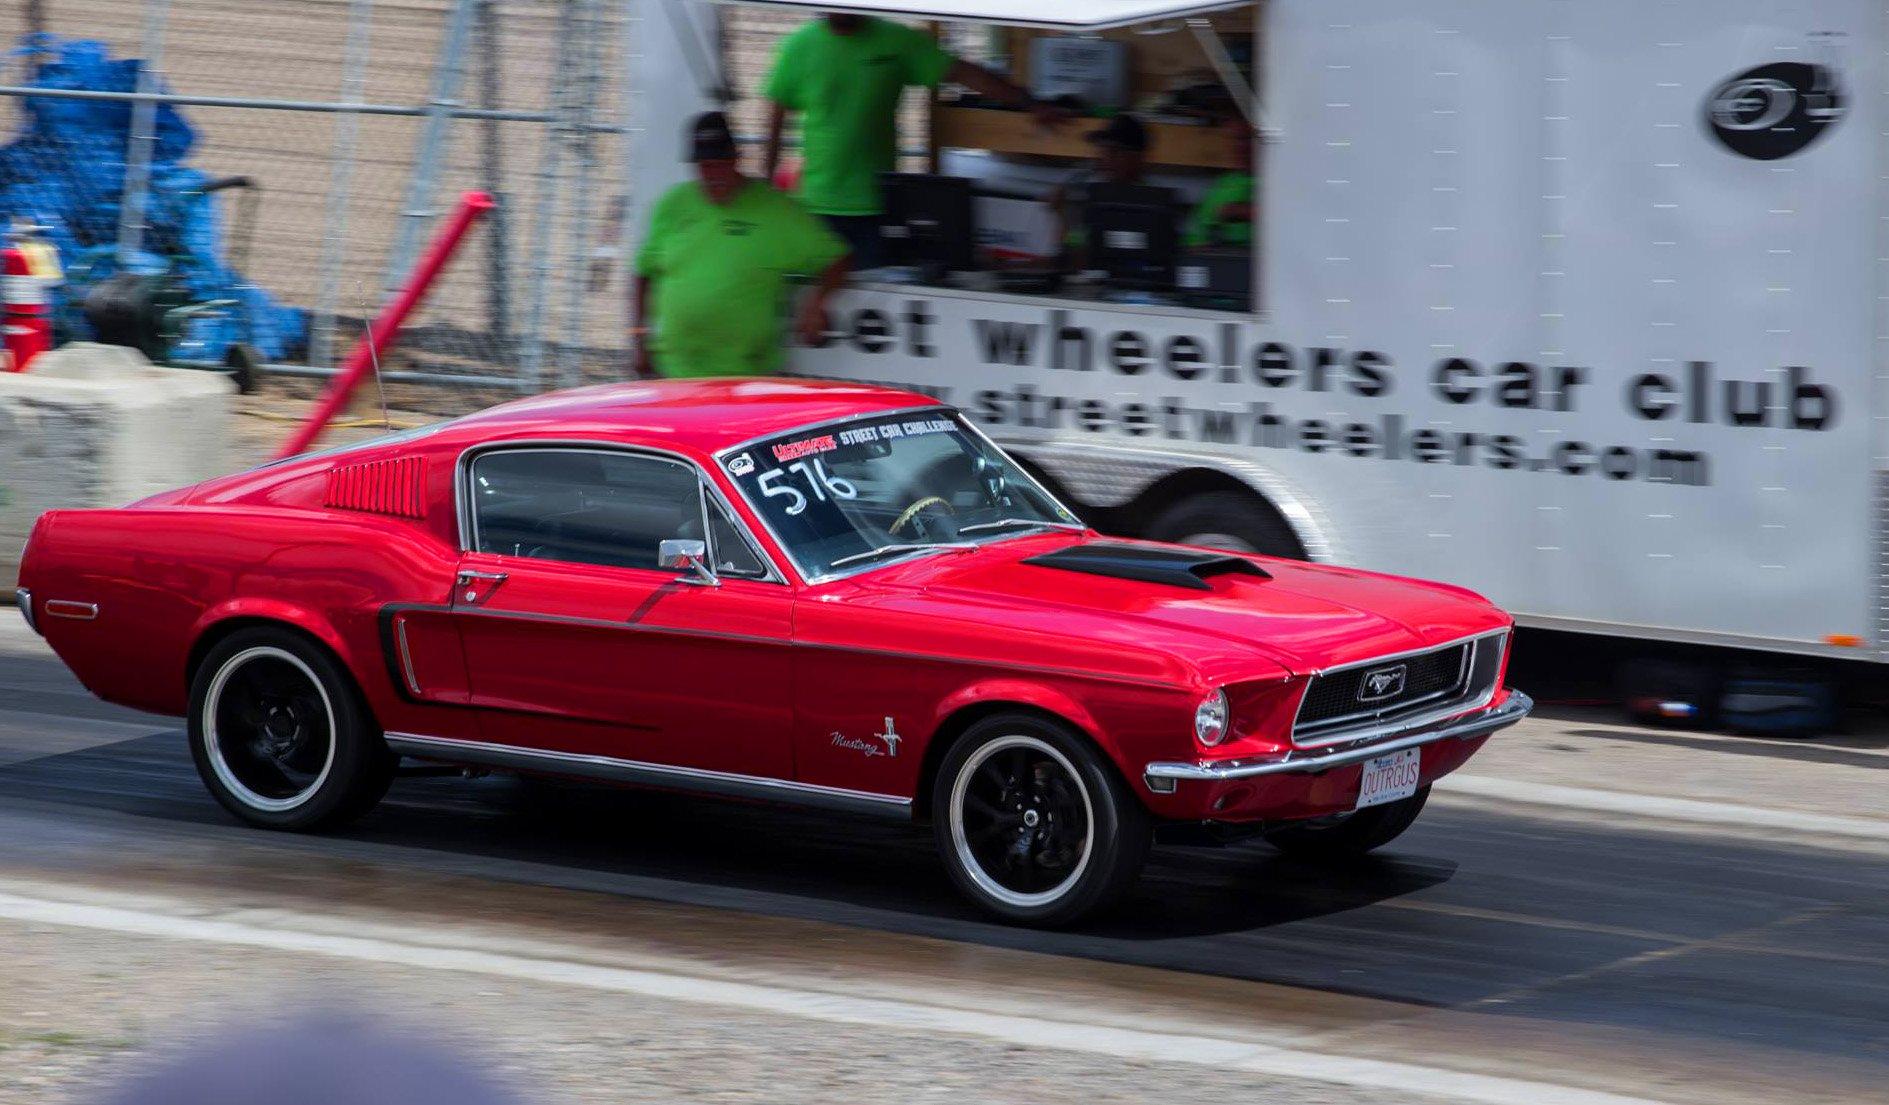 Power Profile: The Meijndert\'s Turbo \'68 Pony Is A Road Trip Rocket